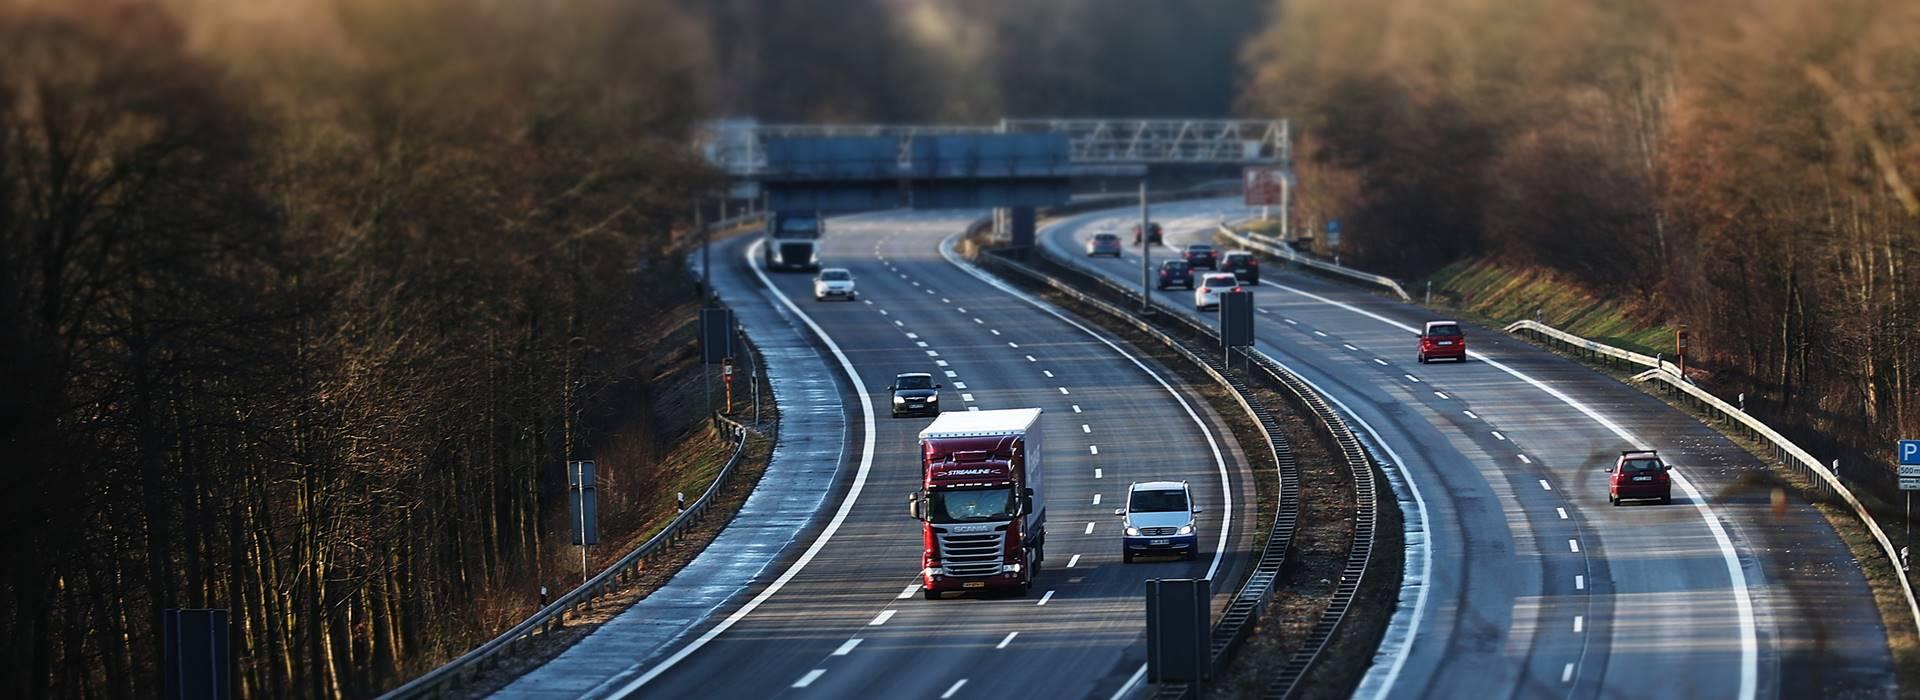 Направления развития транспортной системы: российские и мировые стратегии